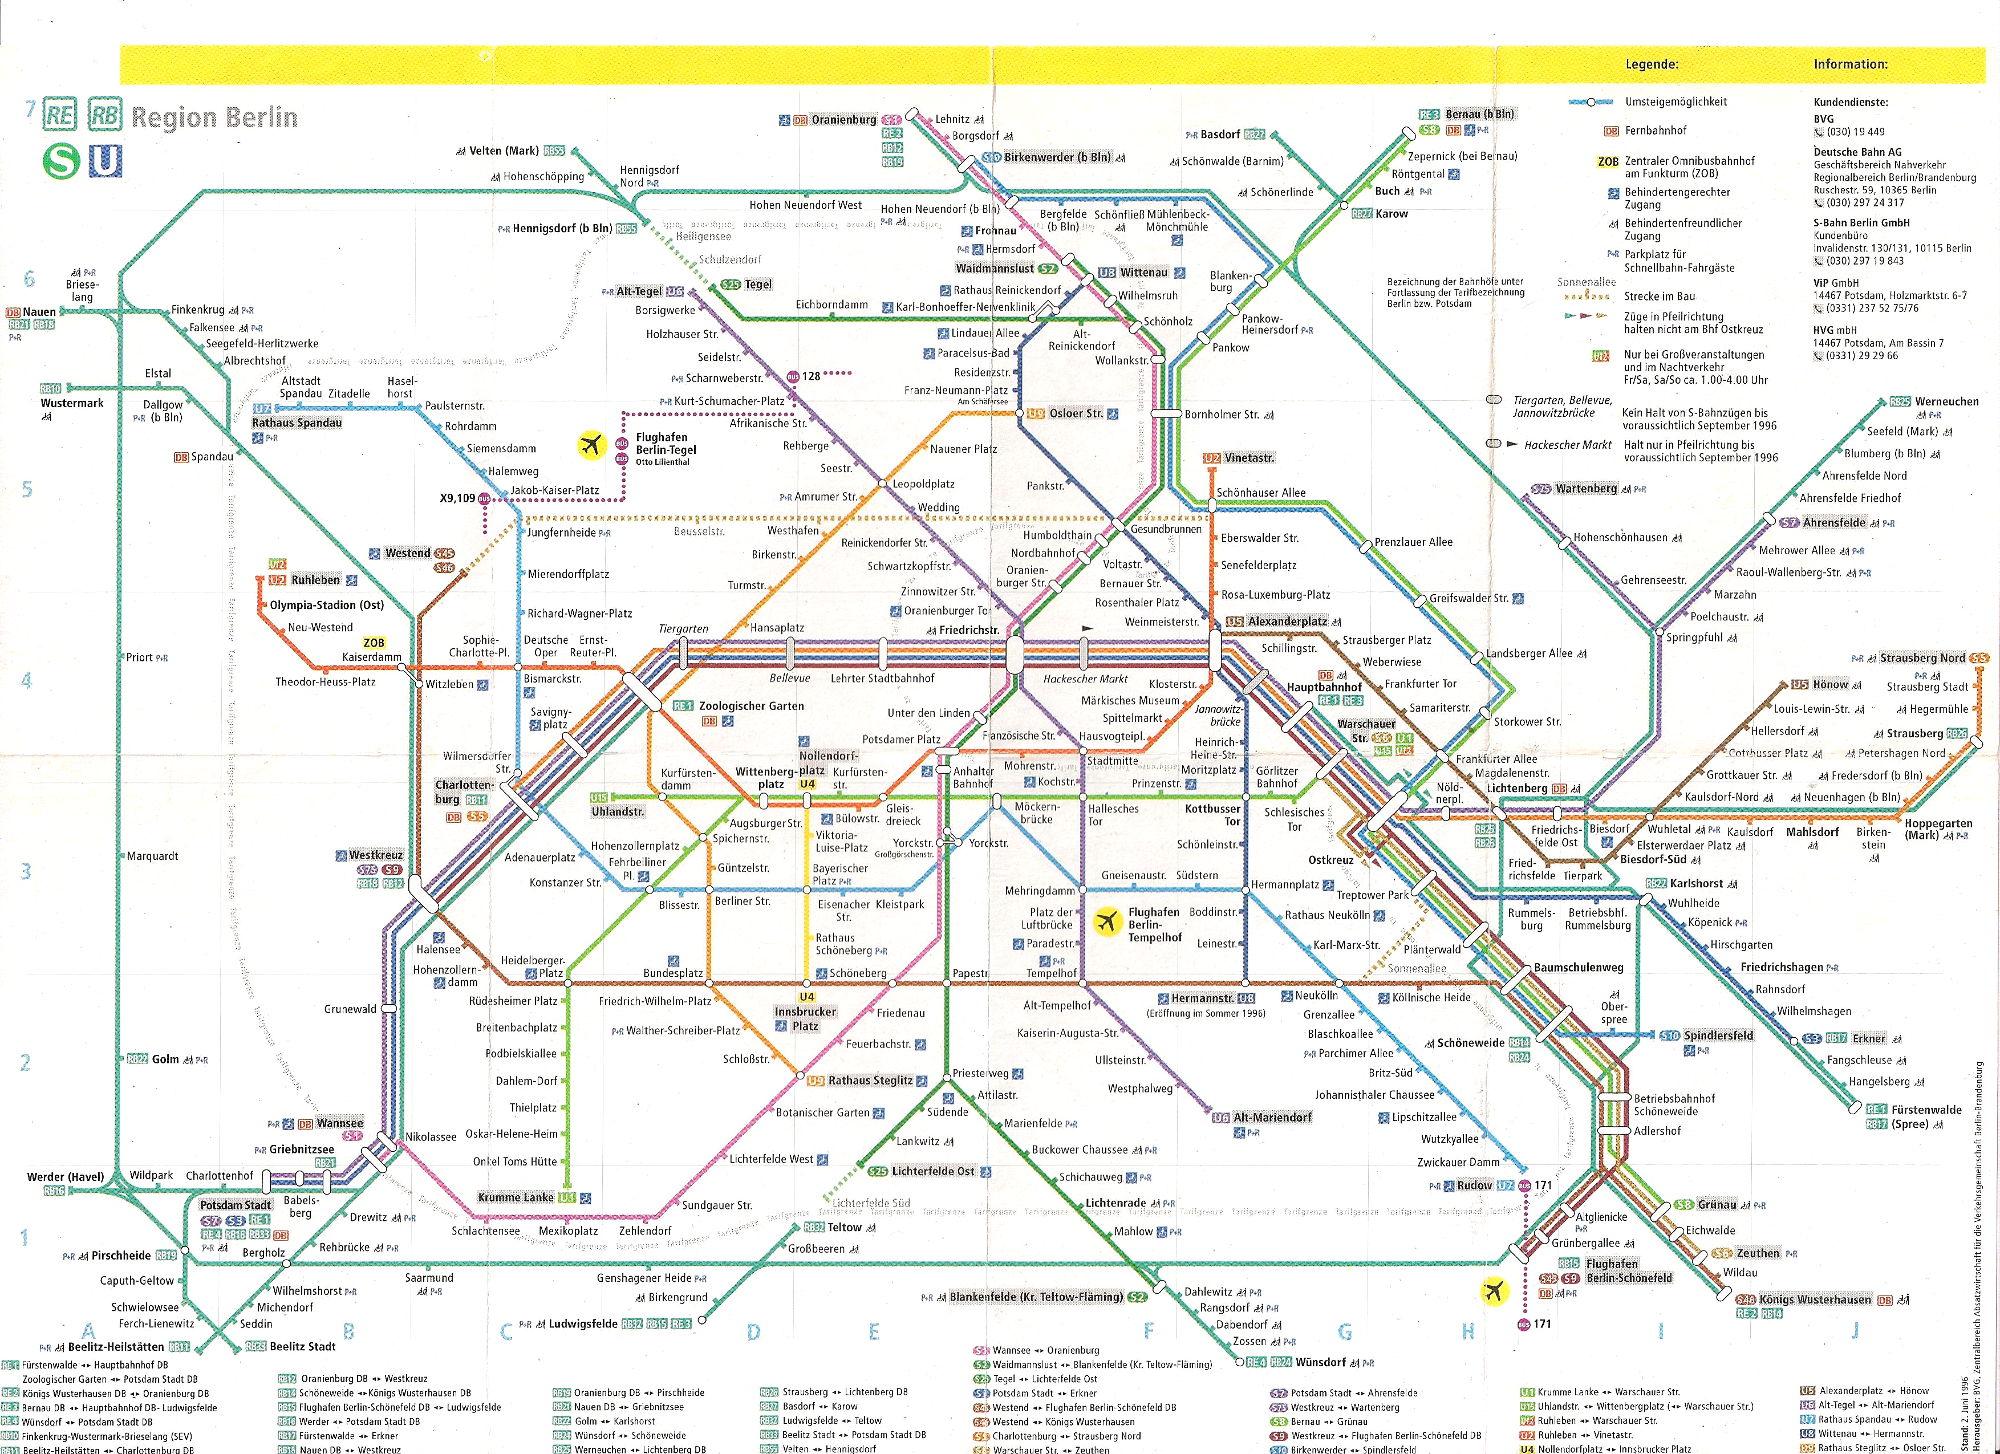 ユーラシア大陸鉄道横断旅行 Go West!1996その43・ベルリン・ベルリンの壁とミトローパ-4304